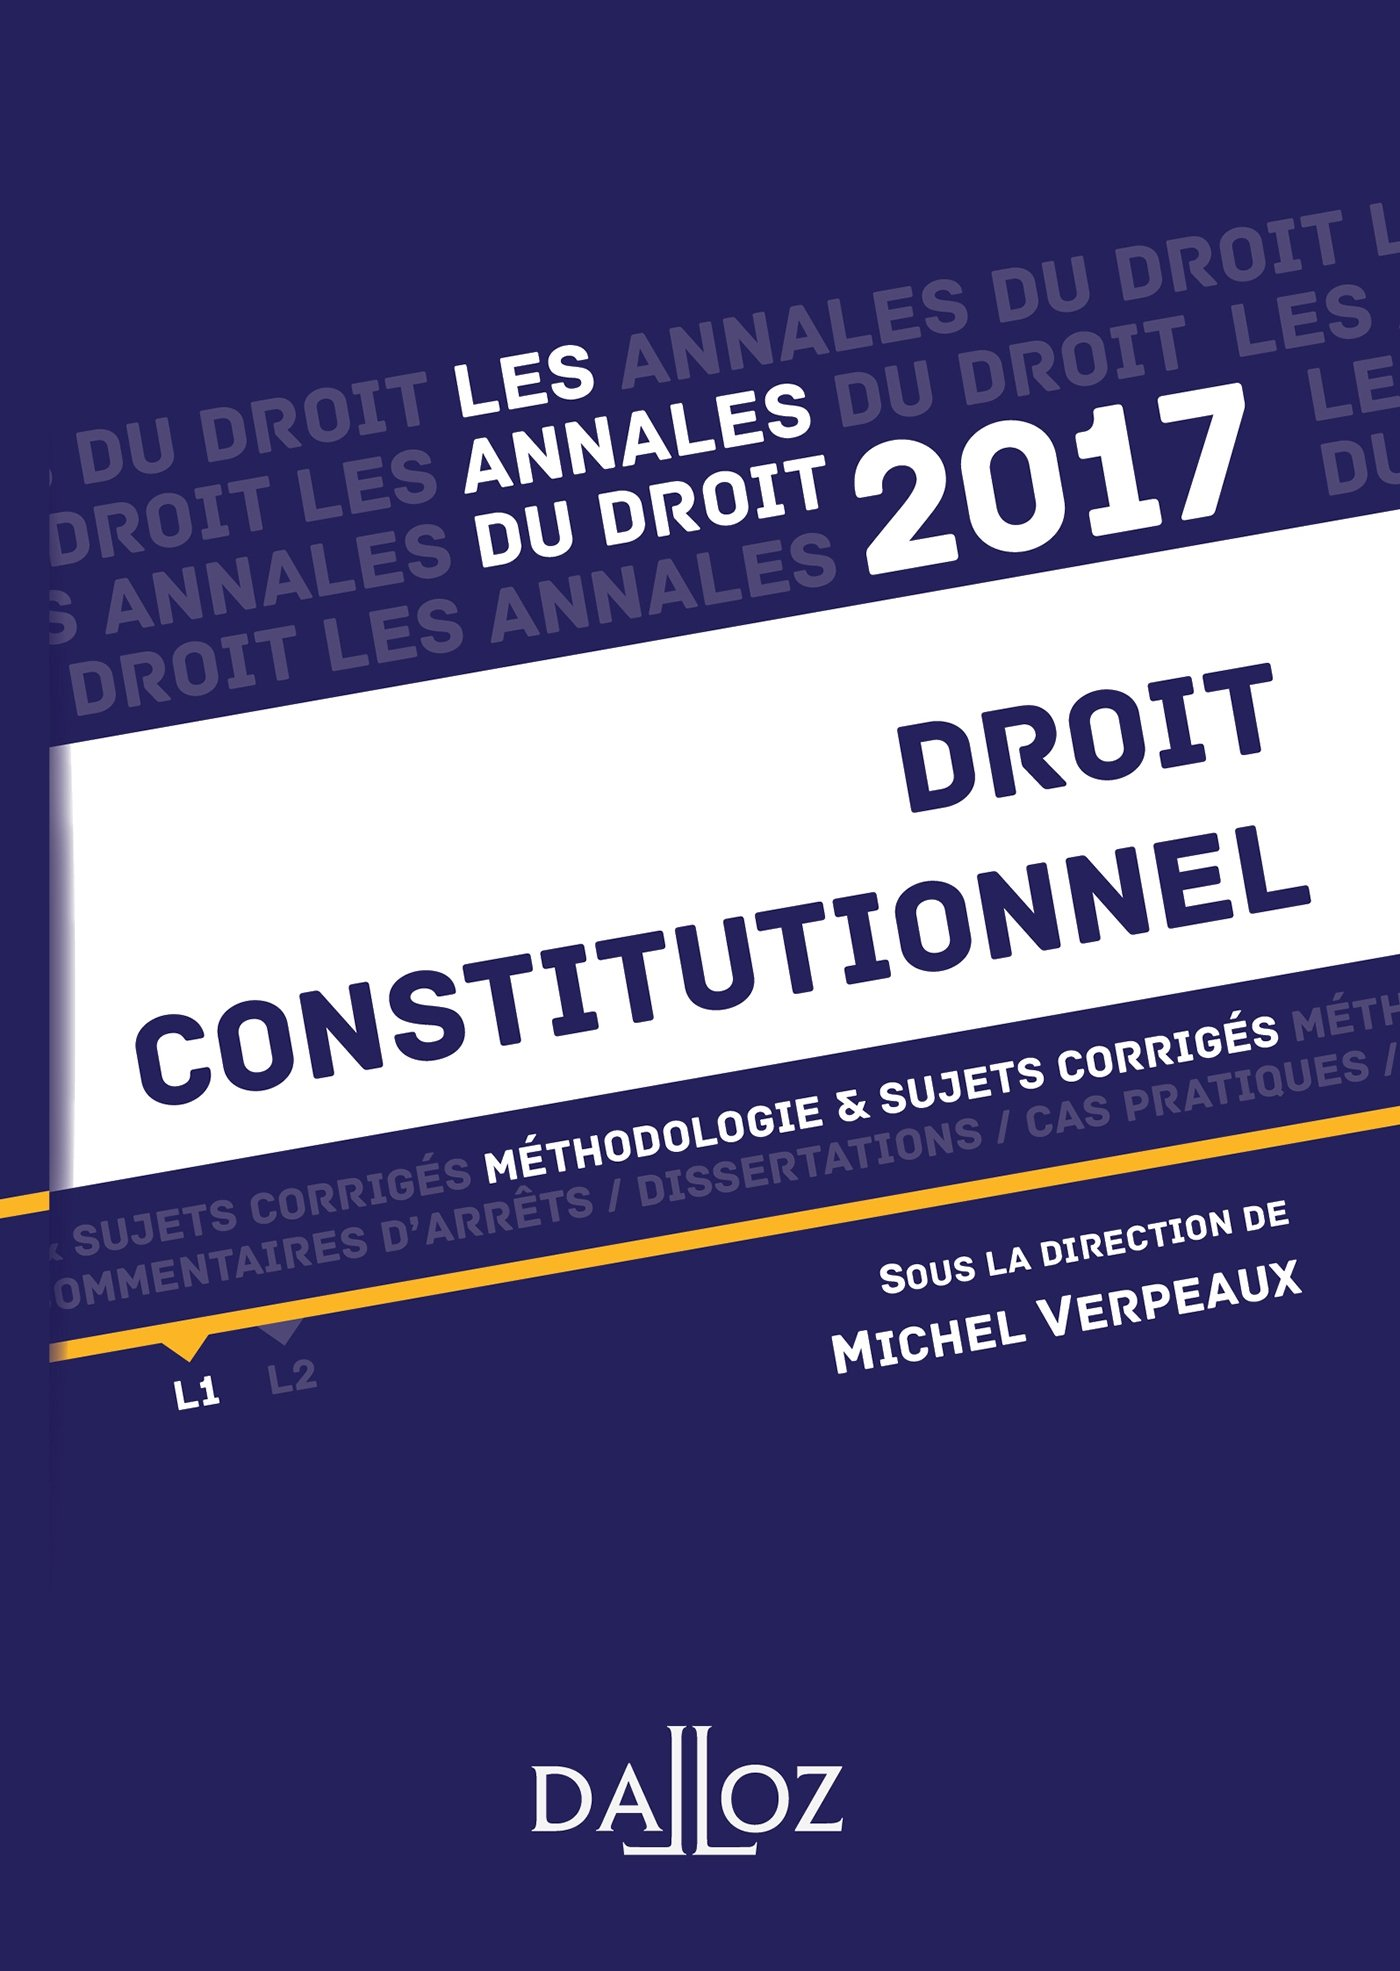 dissertation en droit constitutionnel mthode 15 févr 2012  la méthodologie de la dissertation dans les facultés de droit est pour  sur le format d'une épreuve de 3h, vous pouvez adopter la méthode suivante :  l' impact des réformes constitutionnelles de 2000 : la coïncidence de.